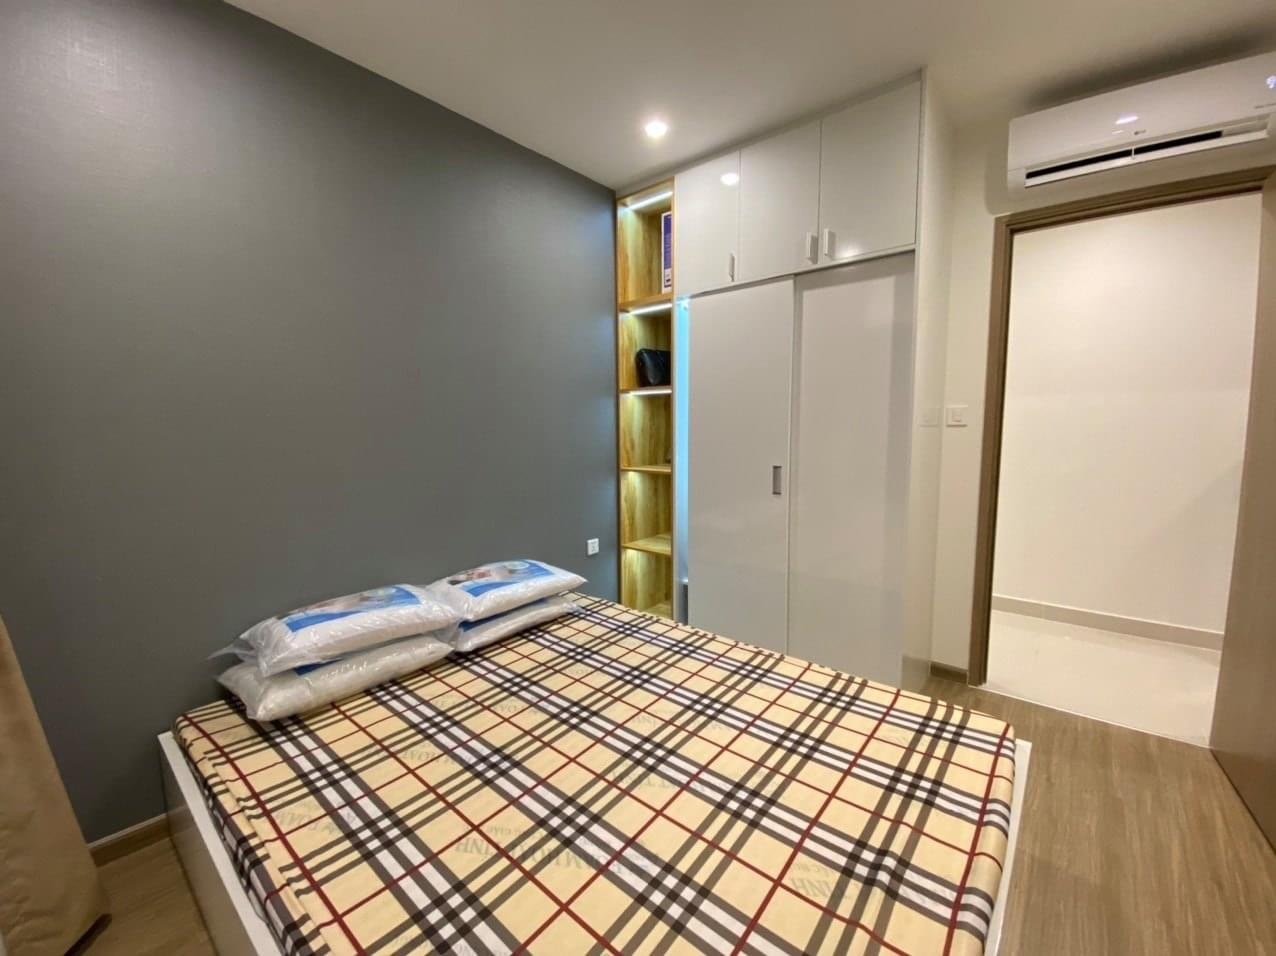 Căn hộ 3 phòng ngủ tầng 34 toà S5.03 Vinhomes Grand park cho thuê 10tr 3